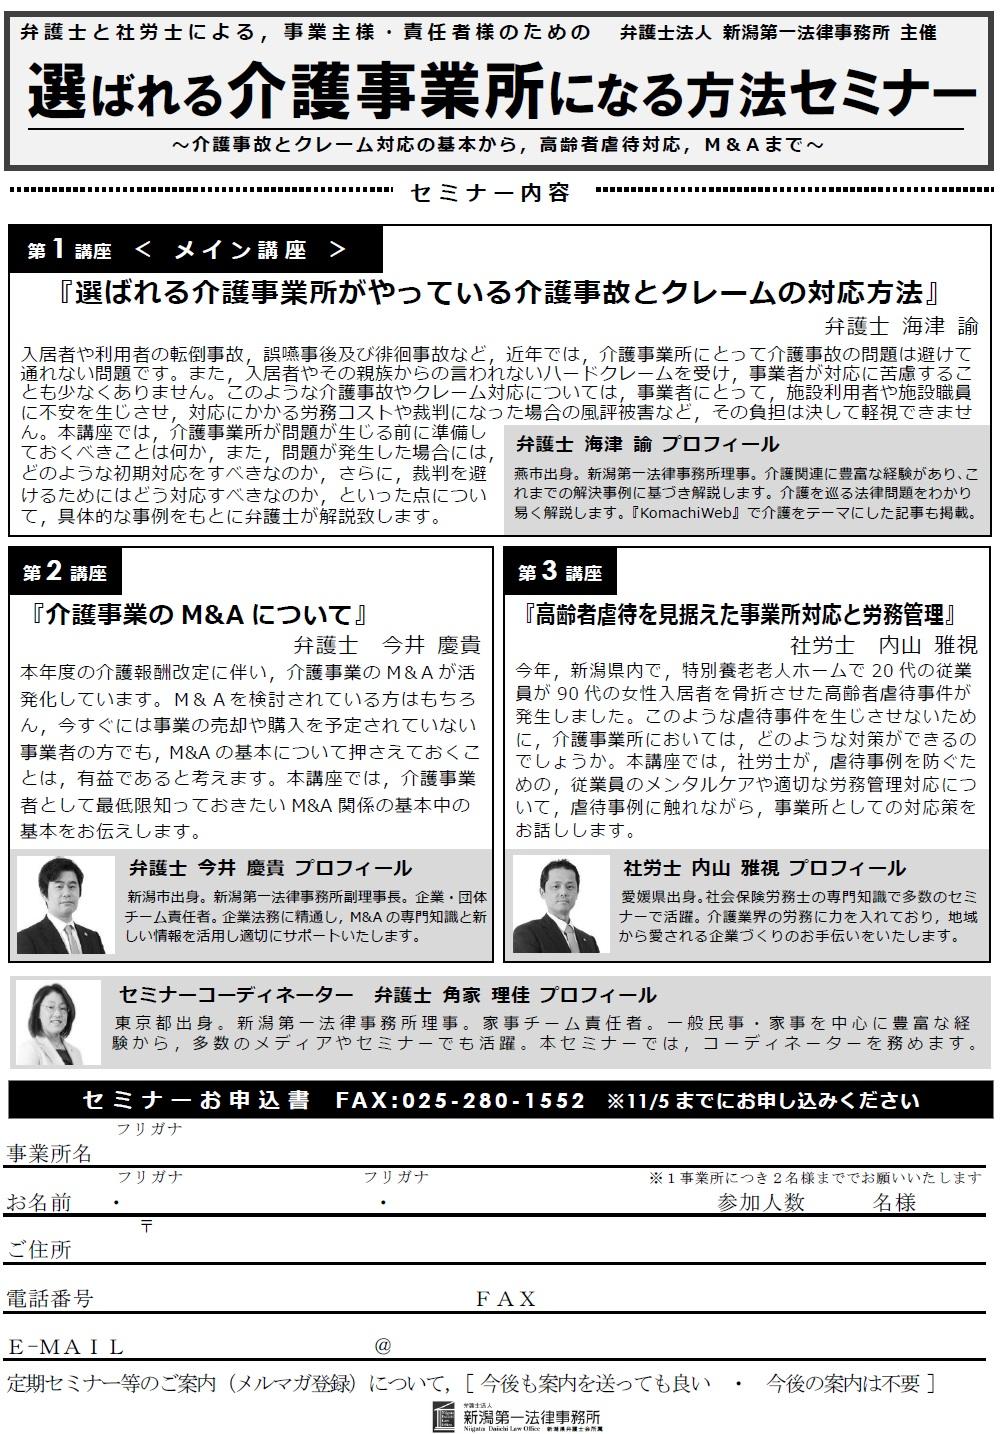 新潟第一法律事務所セミナープログラム